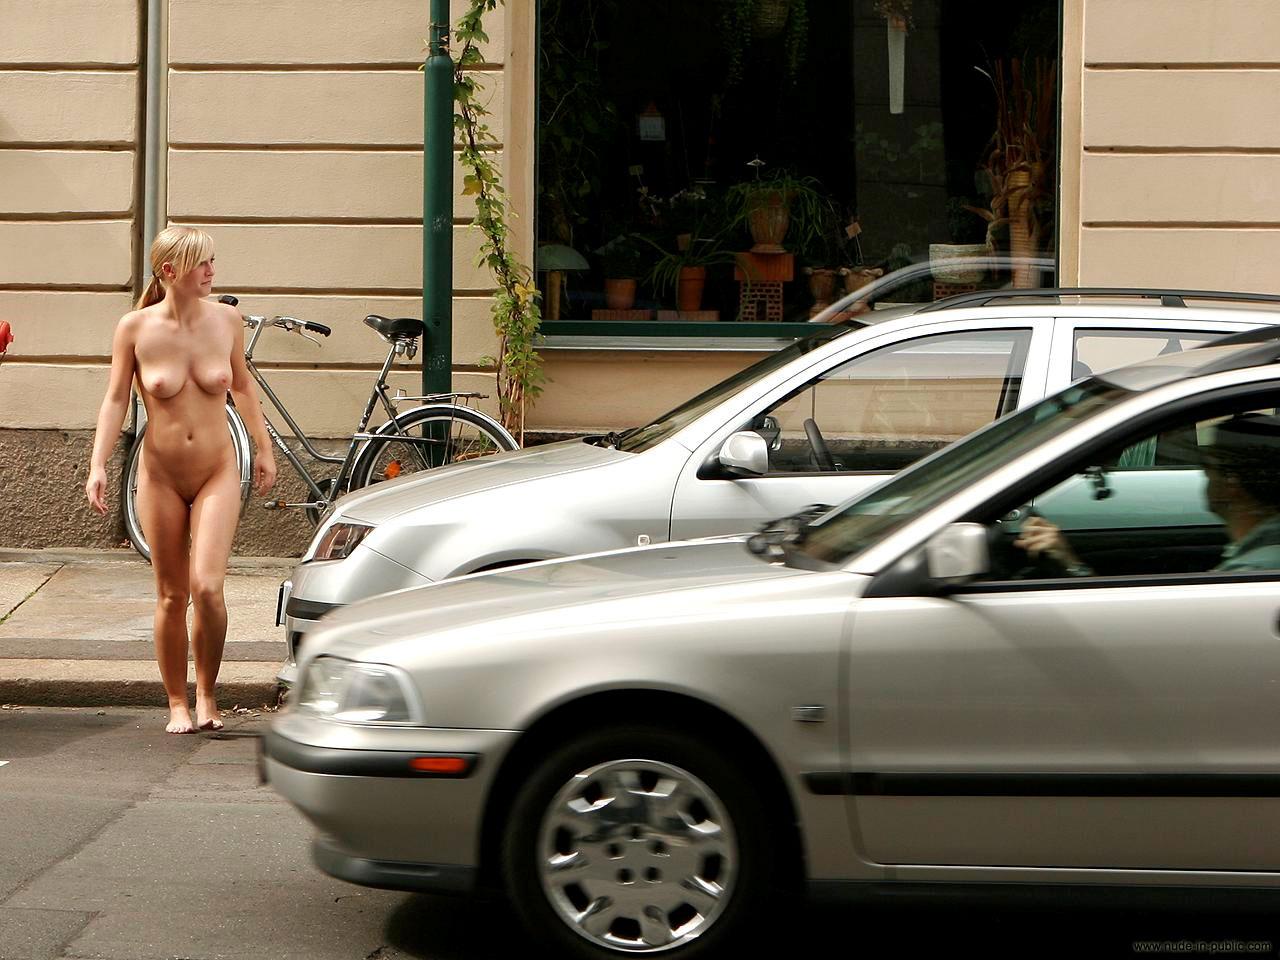 nude-in-public-vol4-66